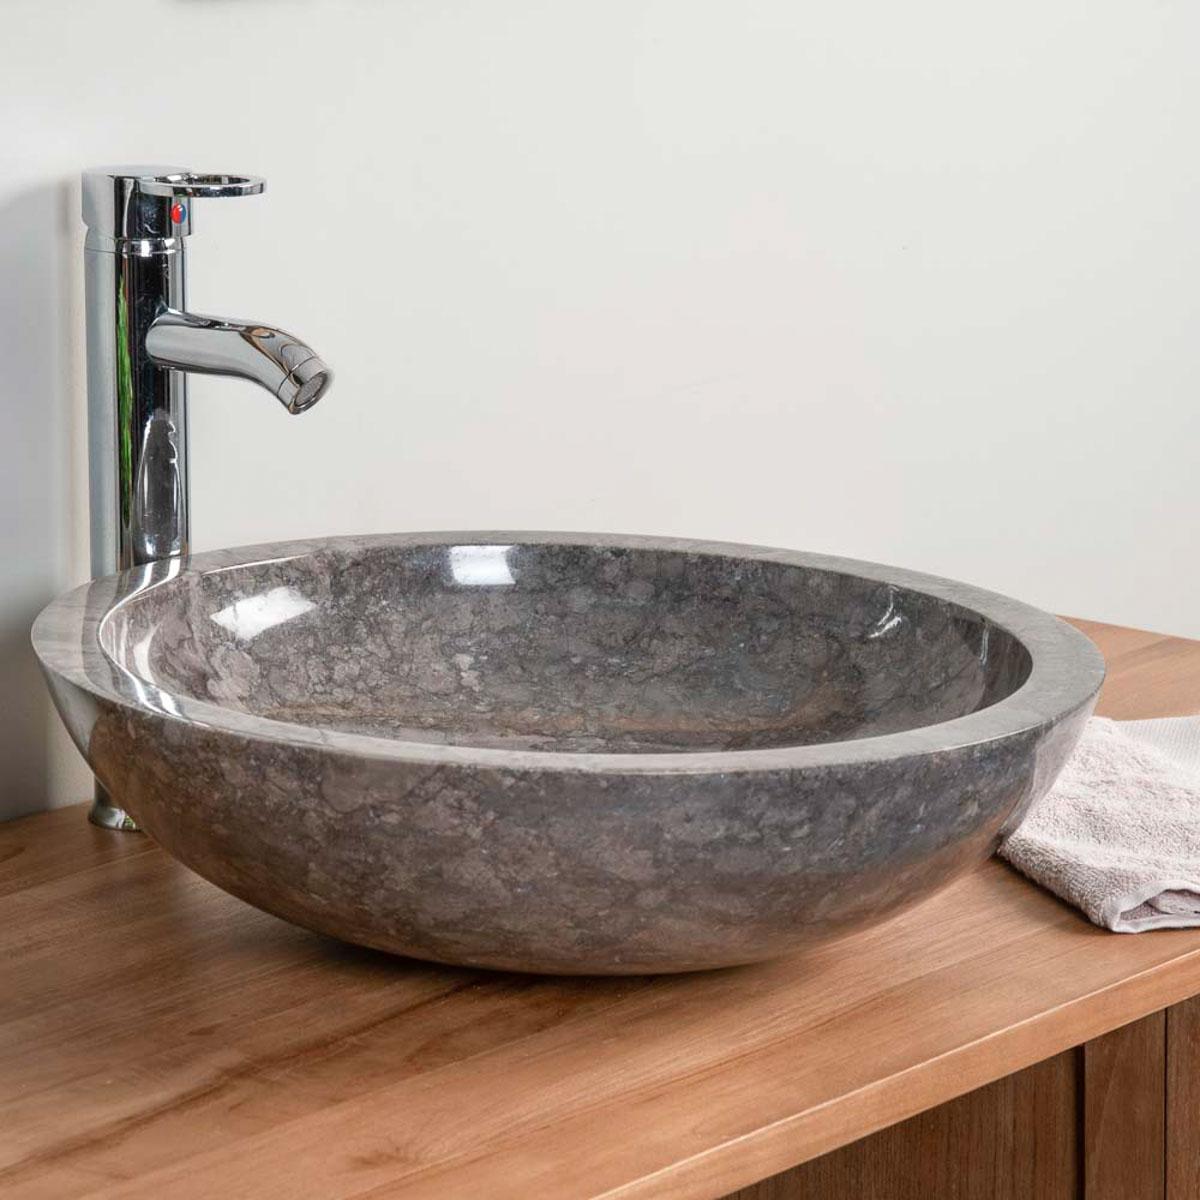 Lavabo encimera redondo barcelona de m rmol gris 45cm for Encimera marmol gris